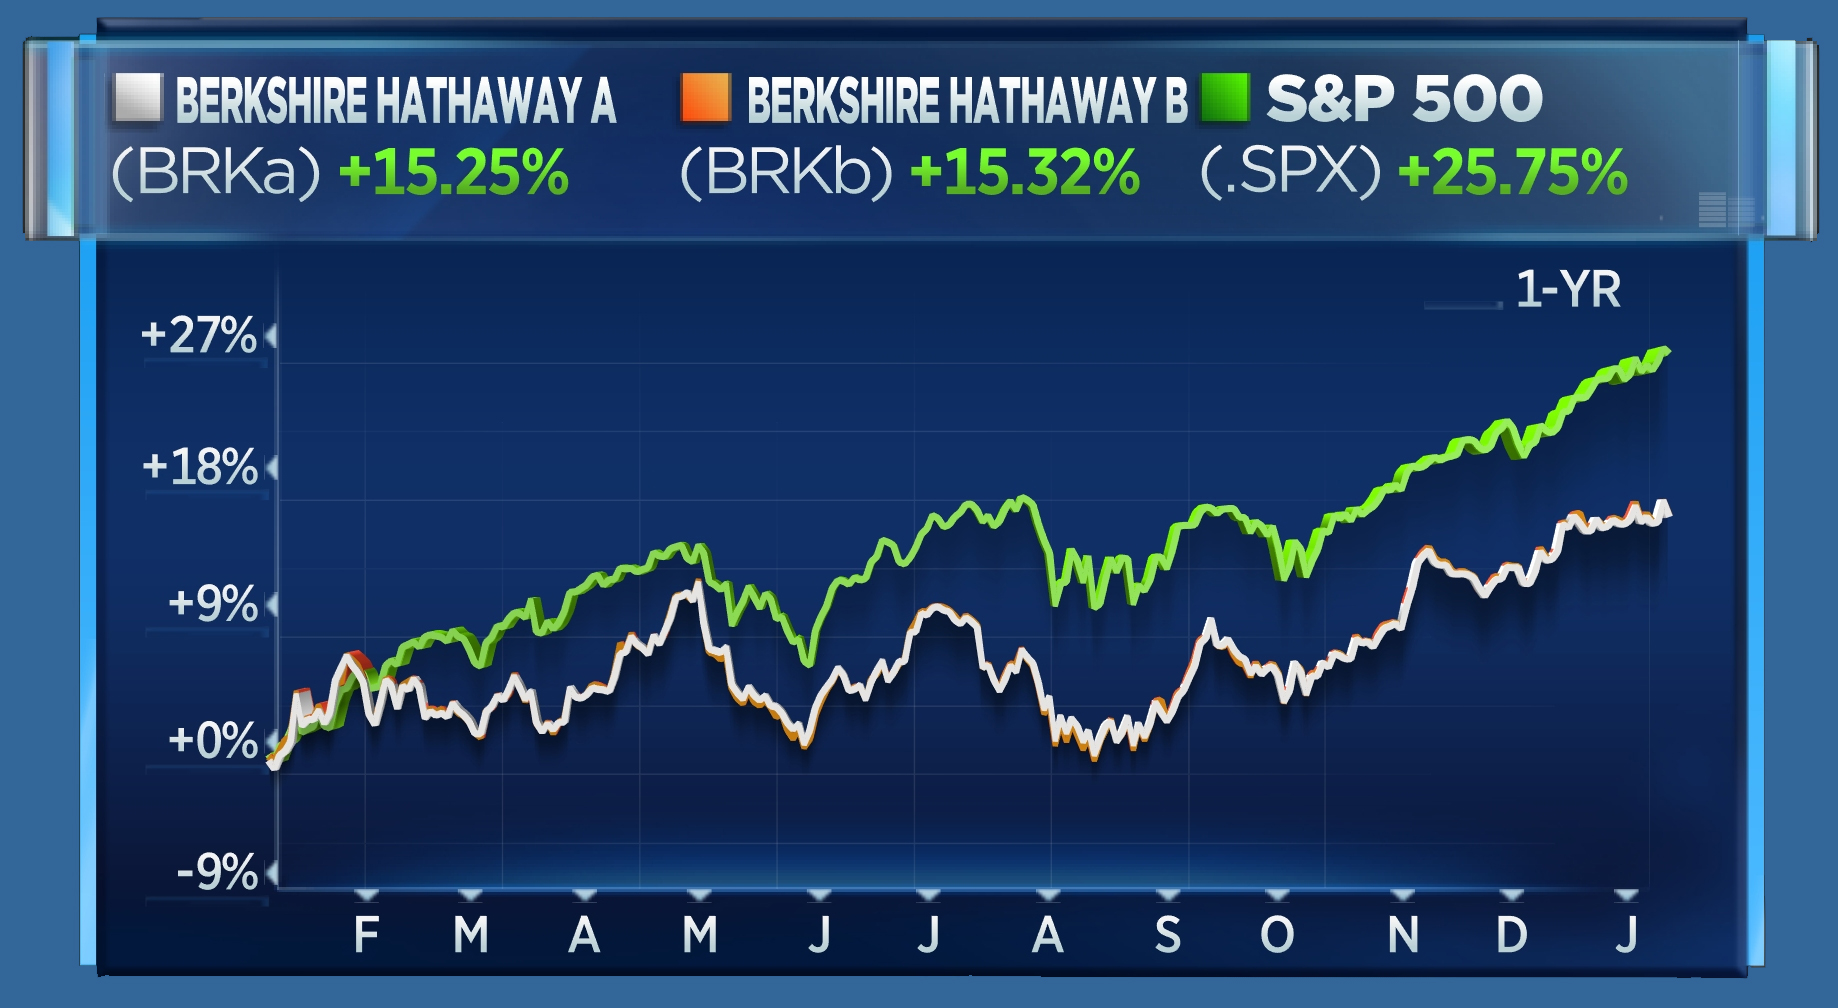 BRK vs S&P 1 year